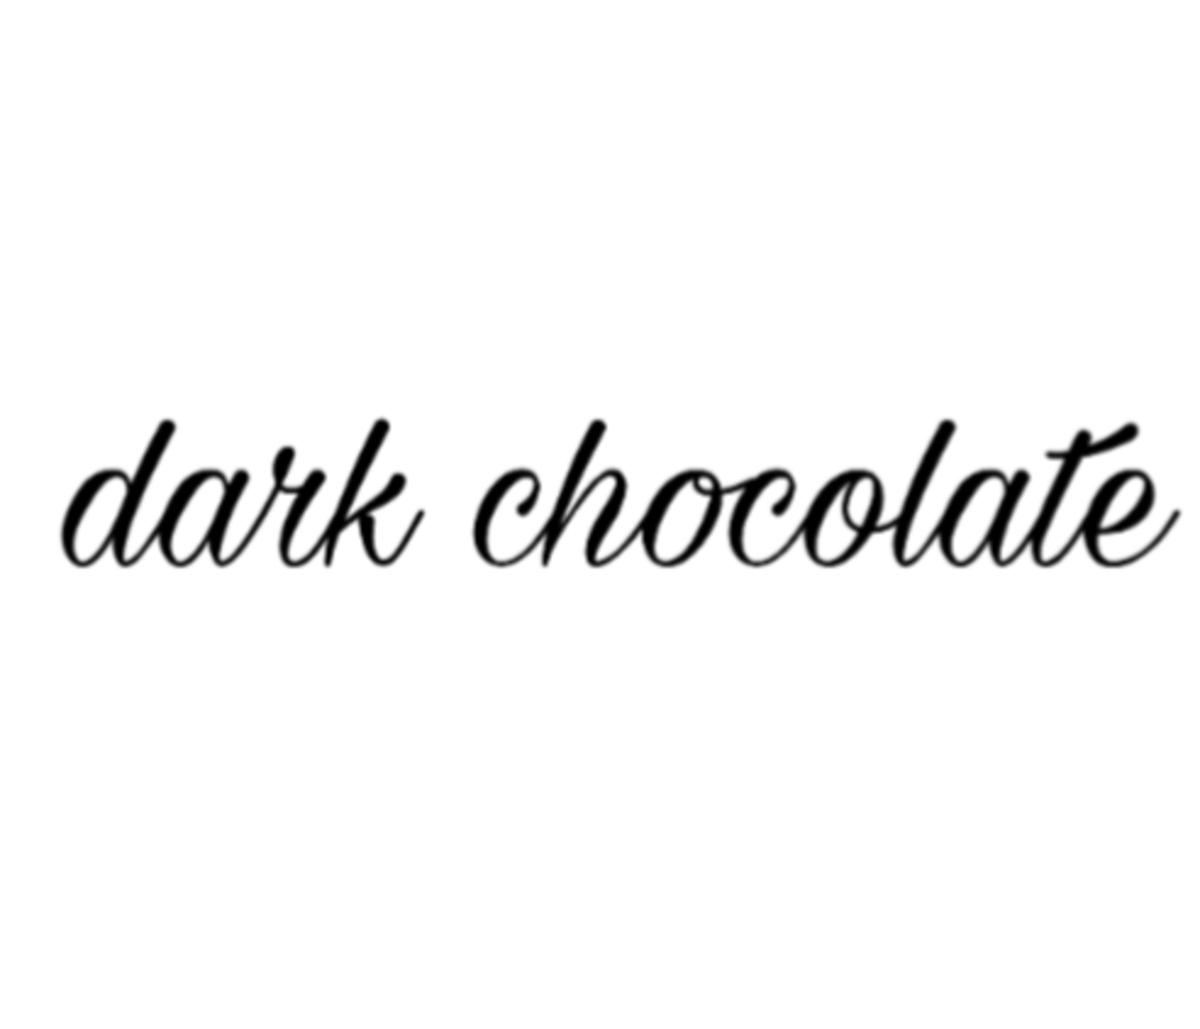 darkchoco